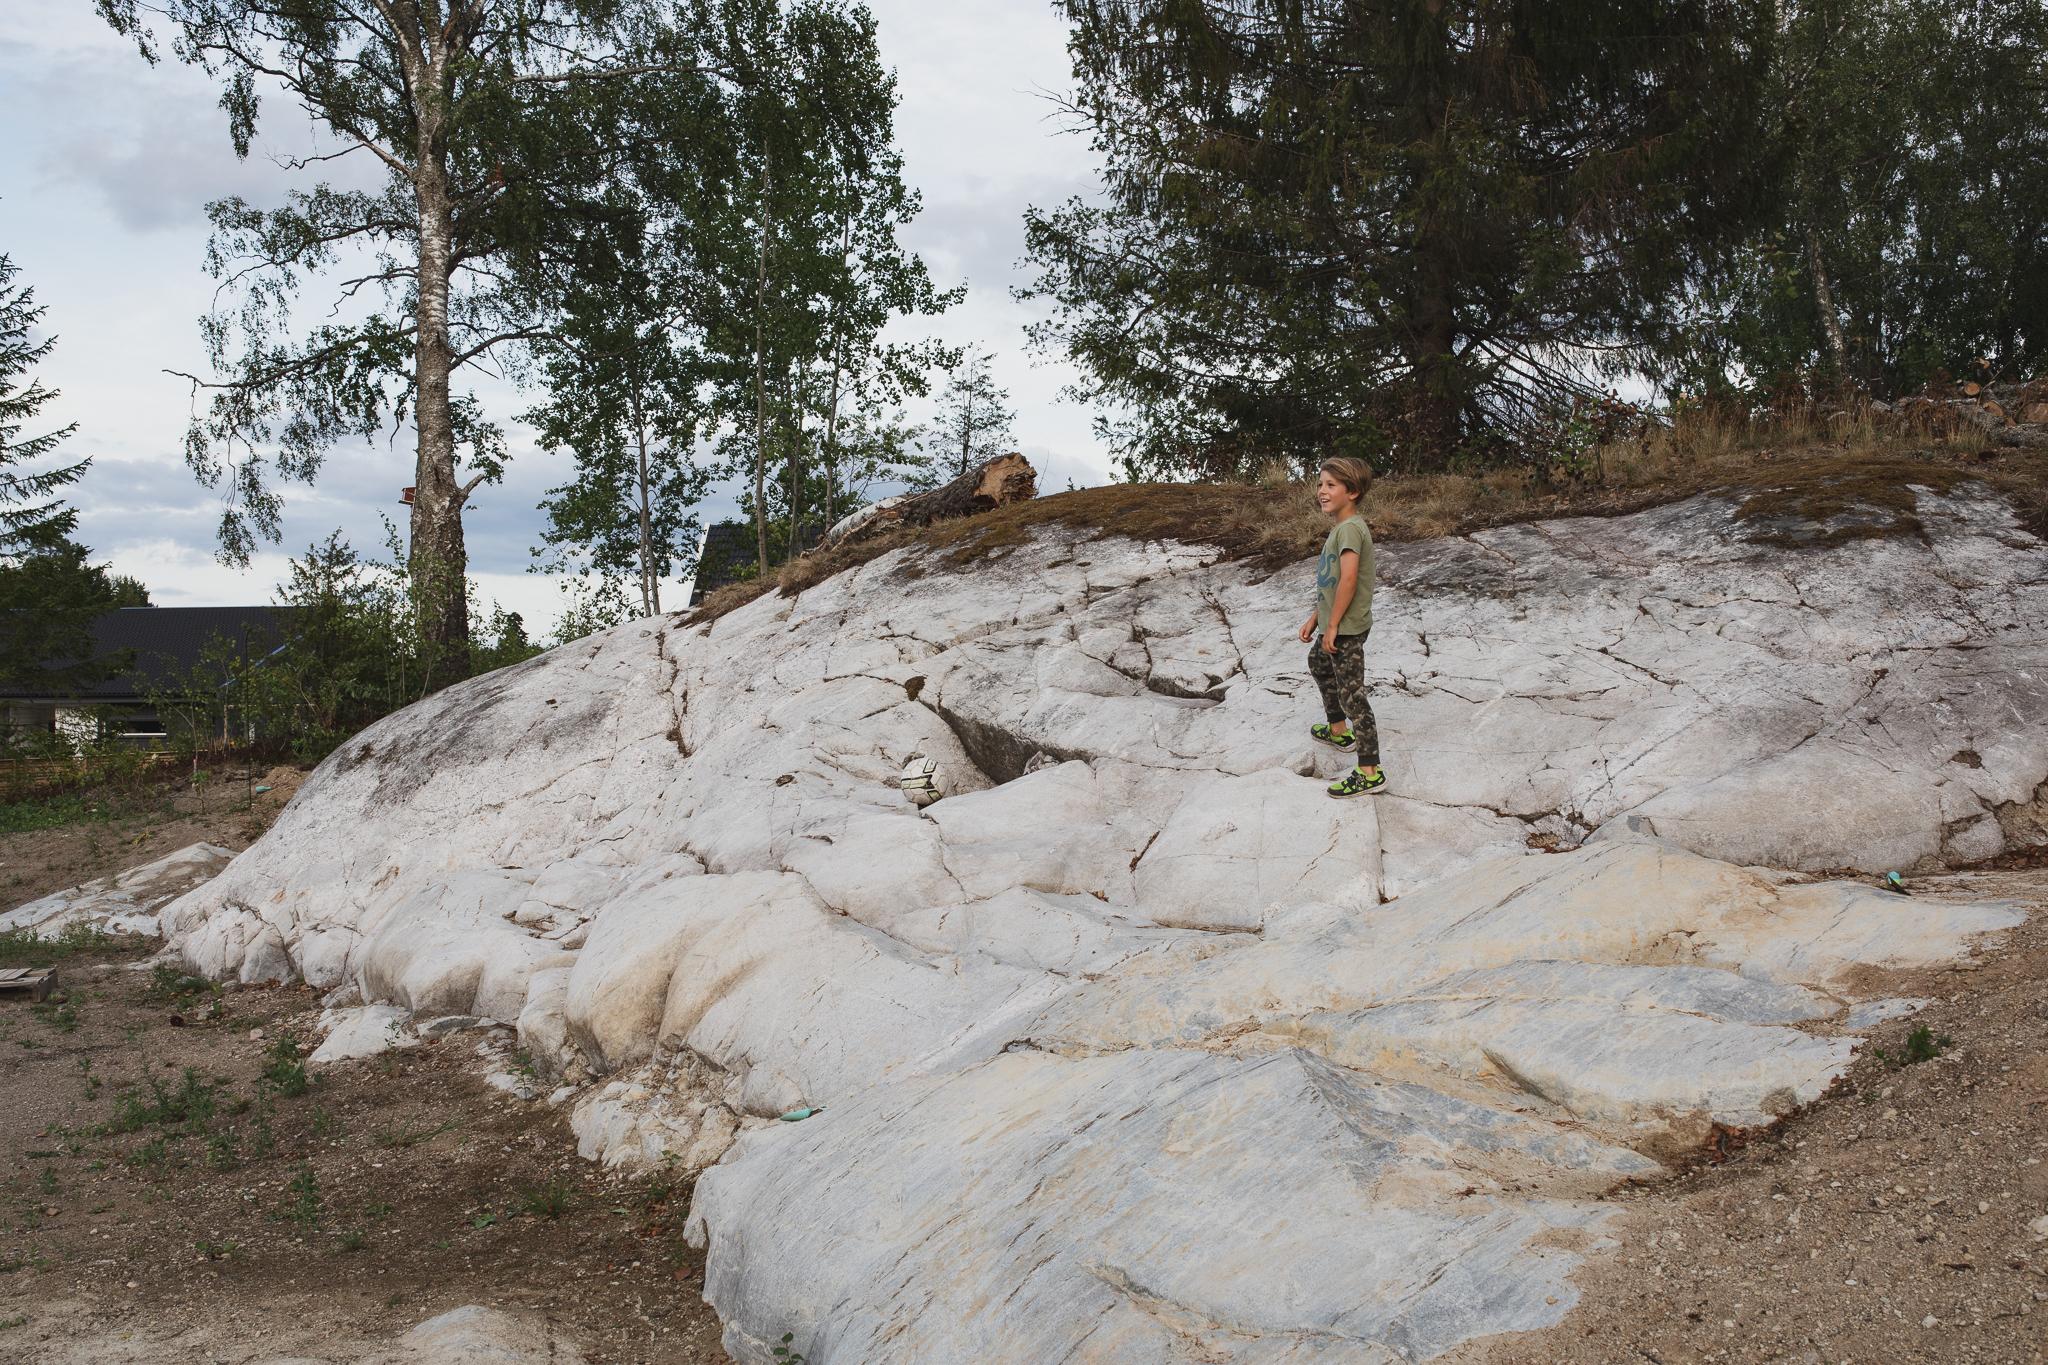 Bergpartiet rengjort från jord, mossa och rötter. Blev riktigt snyggt!